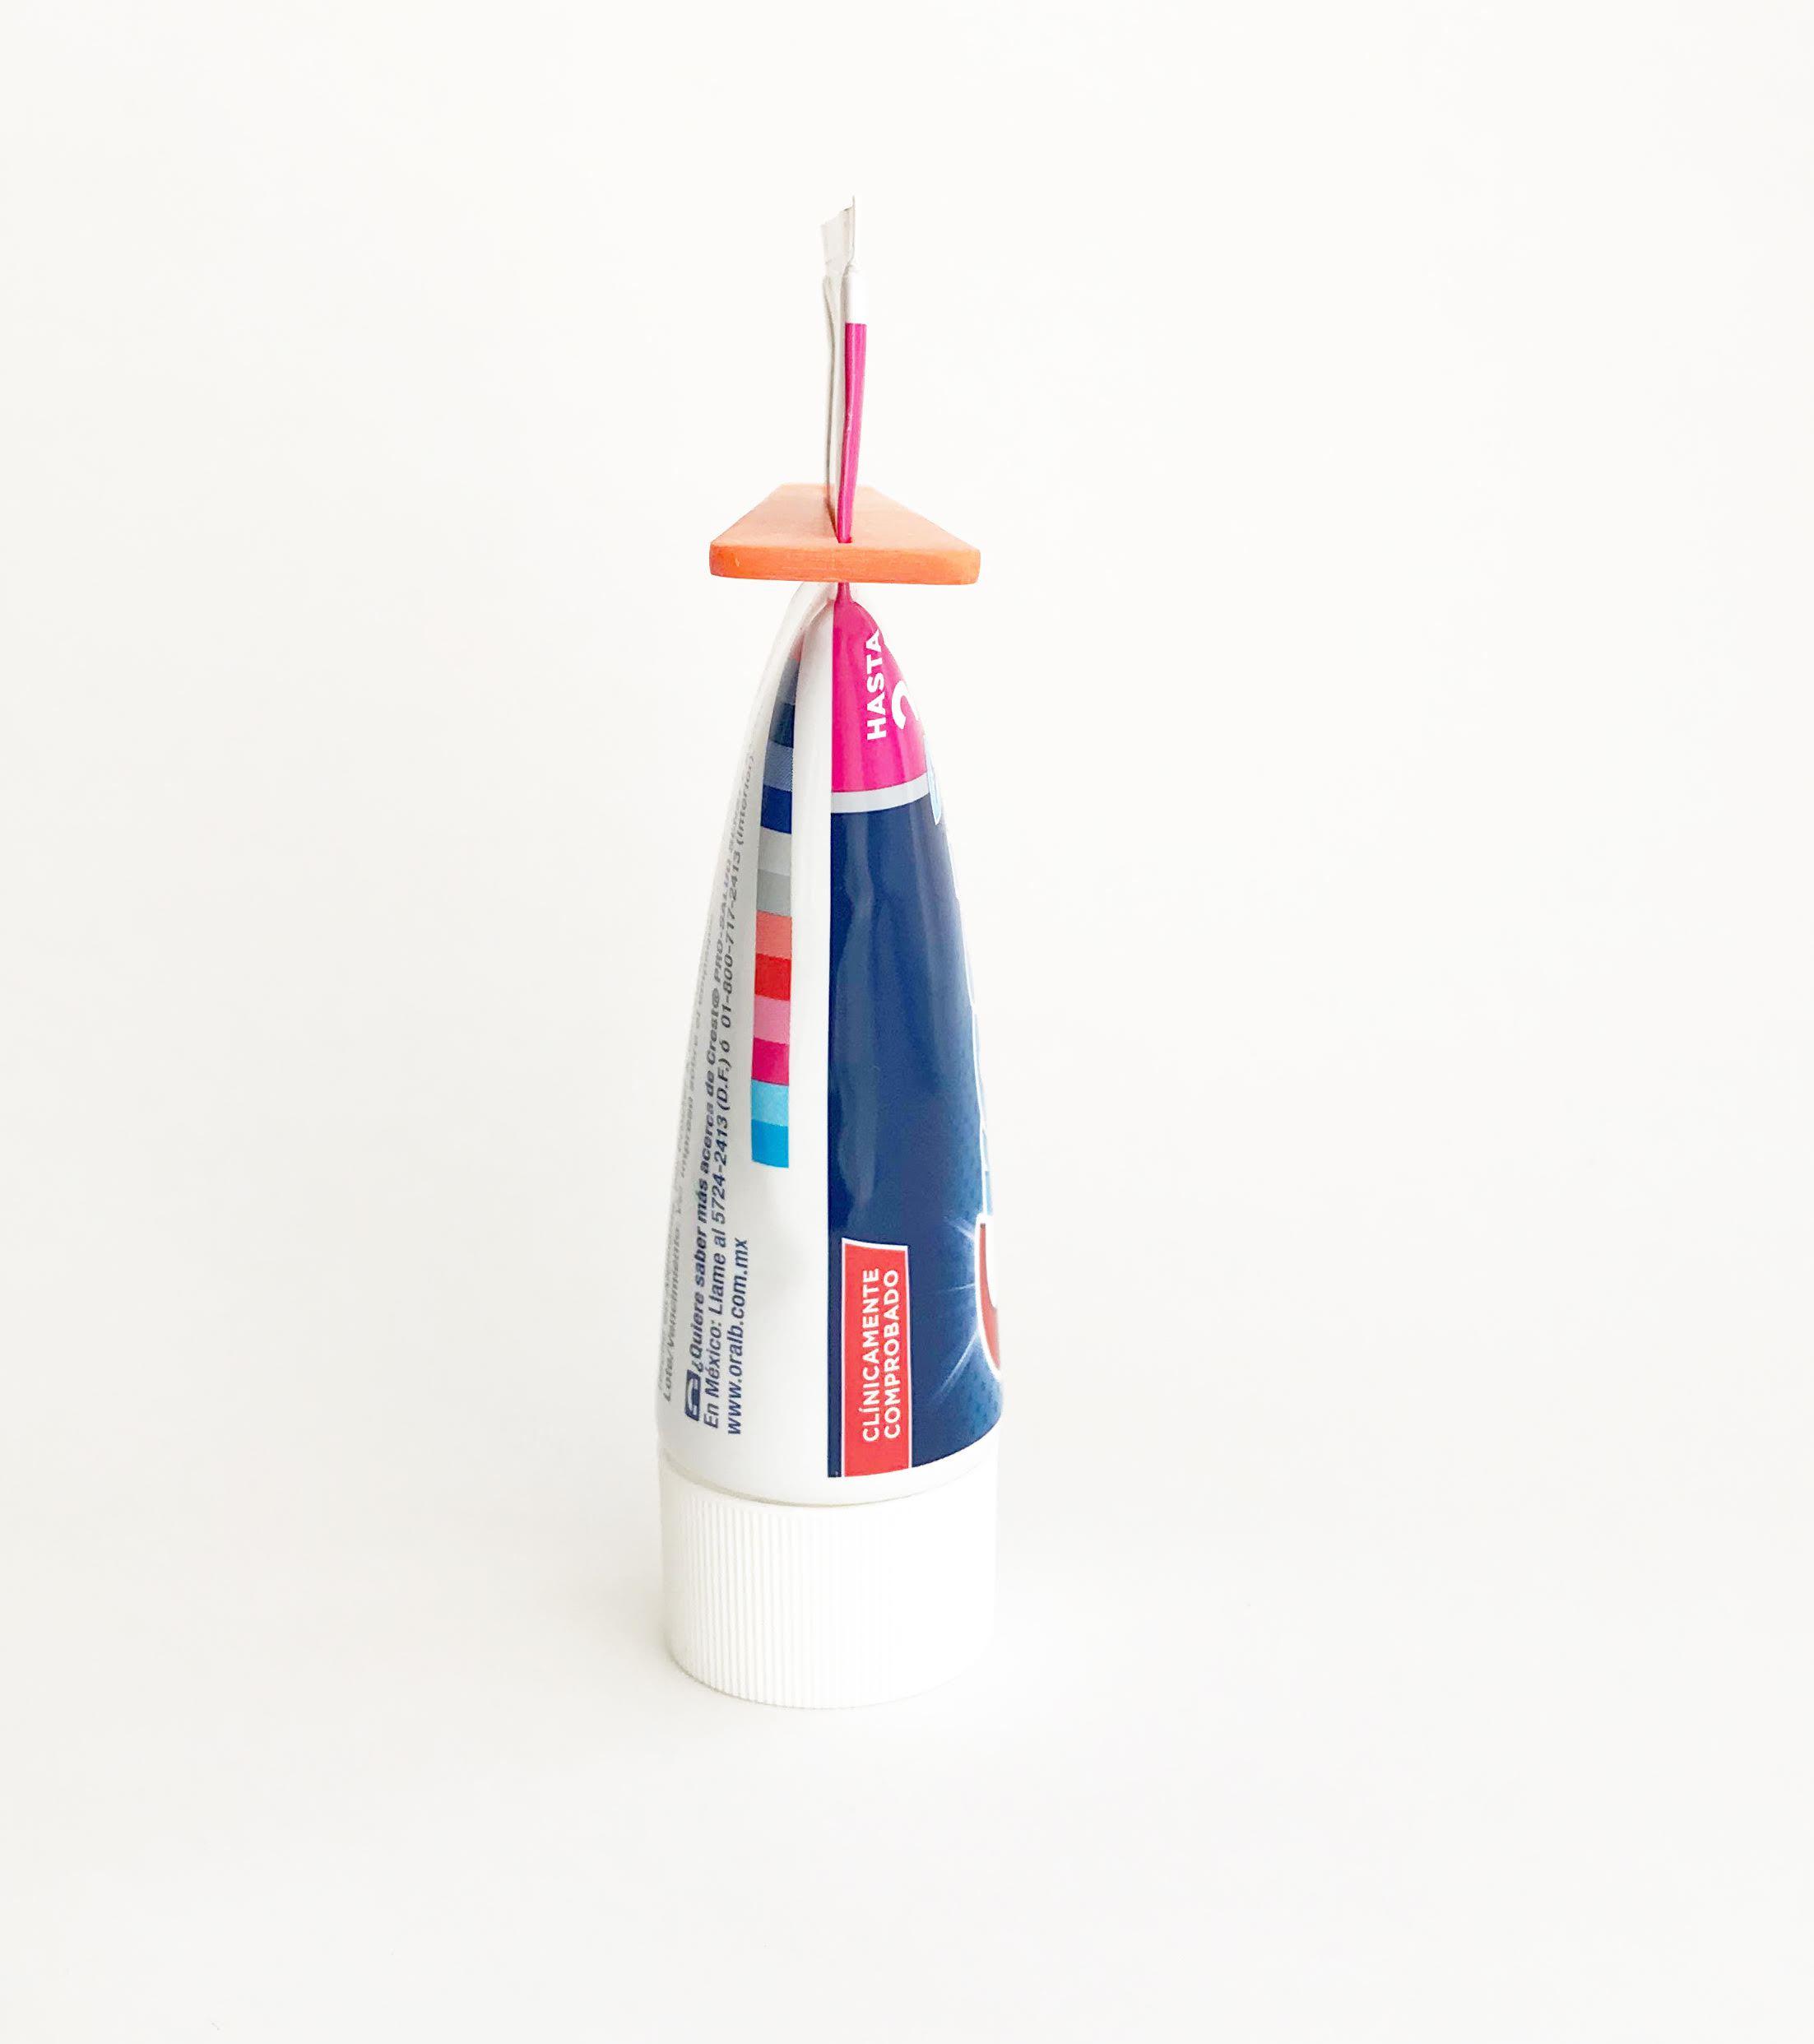 Tisy Toothpaste Squeezer